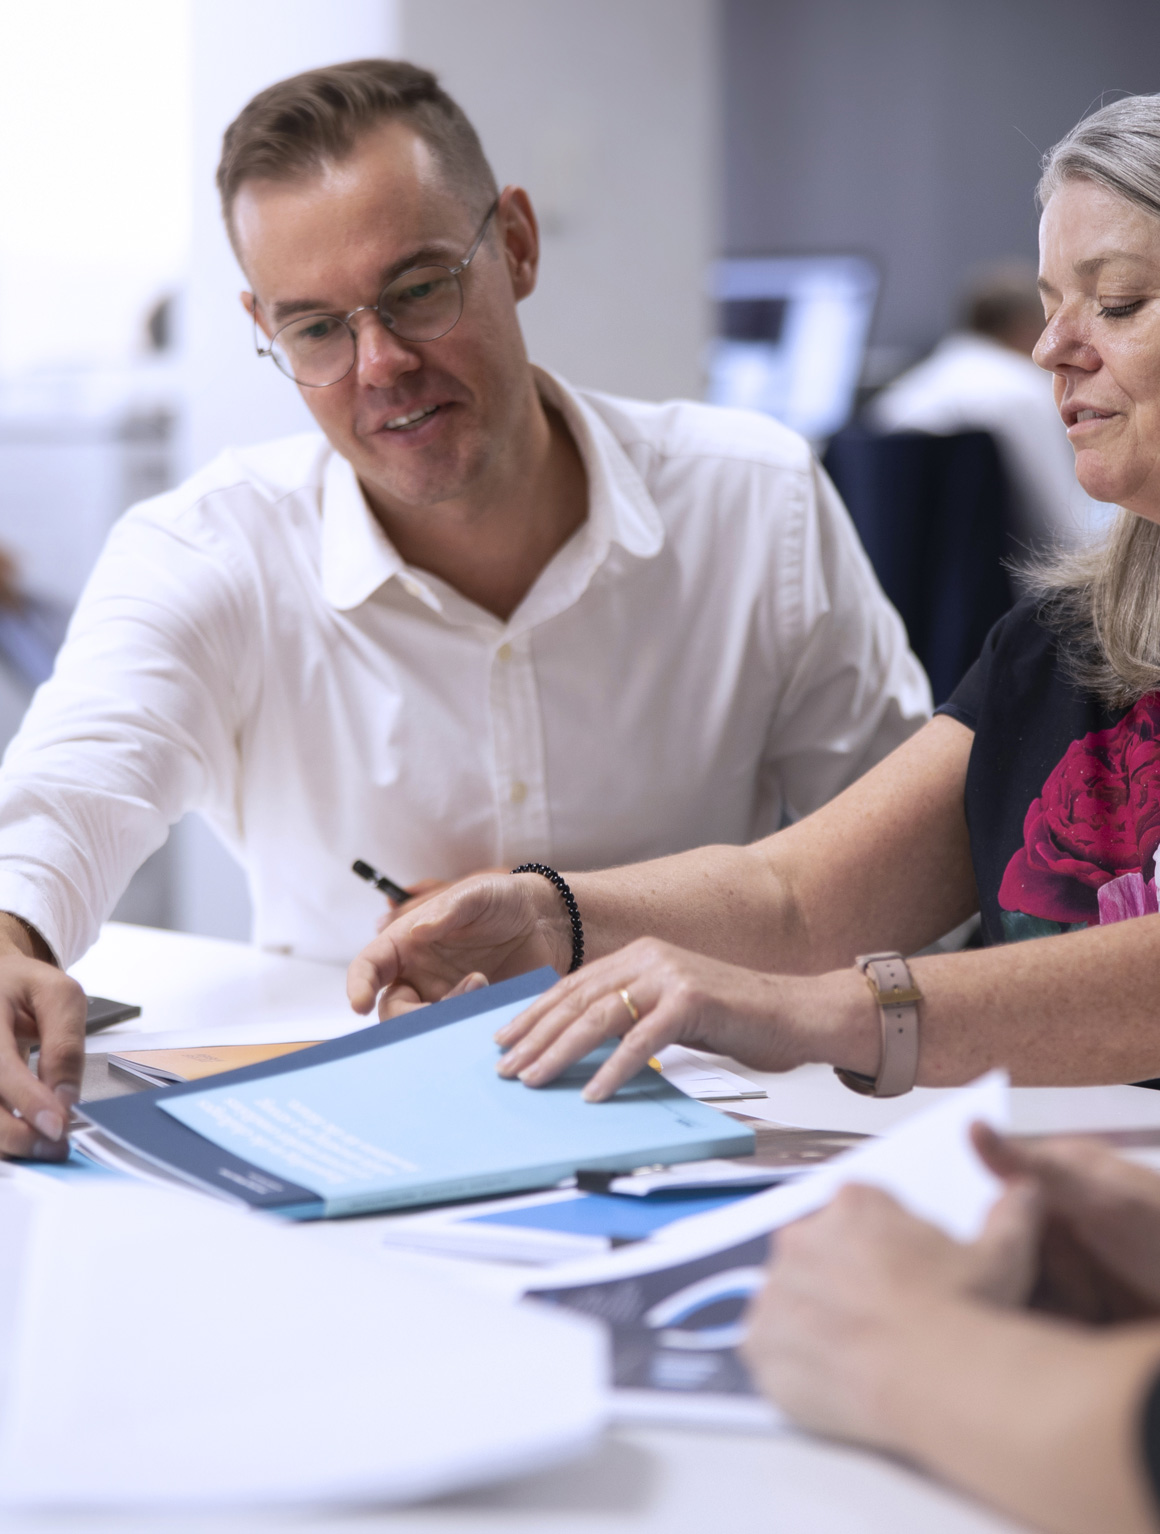 Designate team members reviewing work.